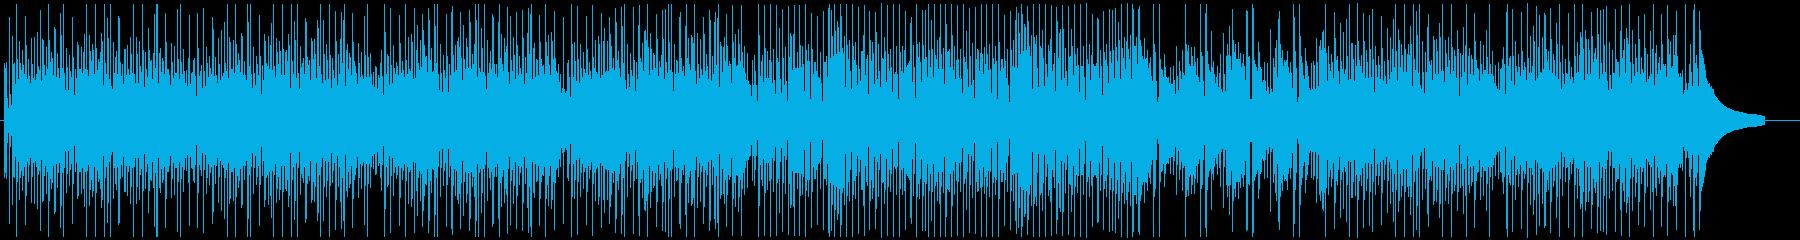 可愛い軽快ウクレレと口笛ポップ♪の再生済みの波形